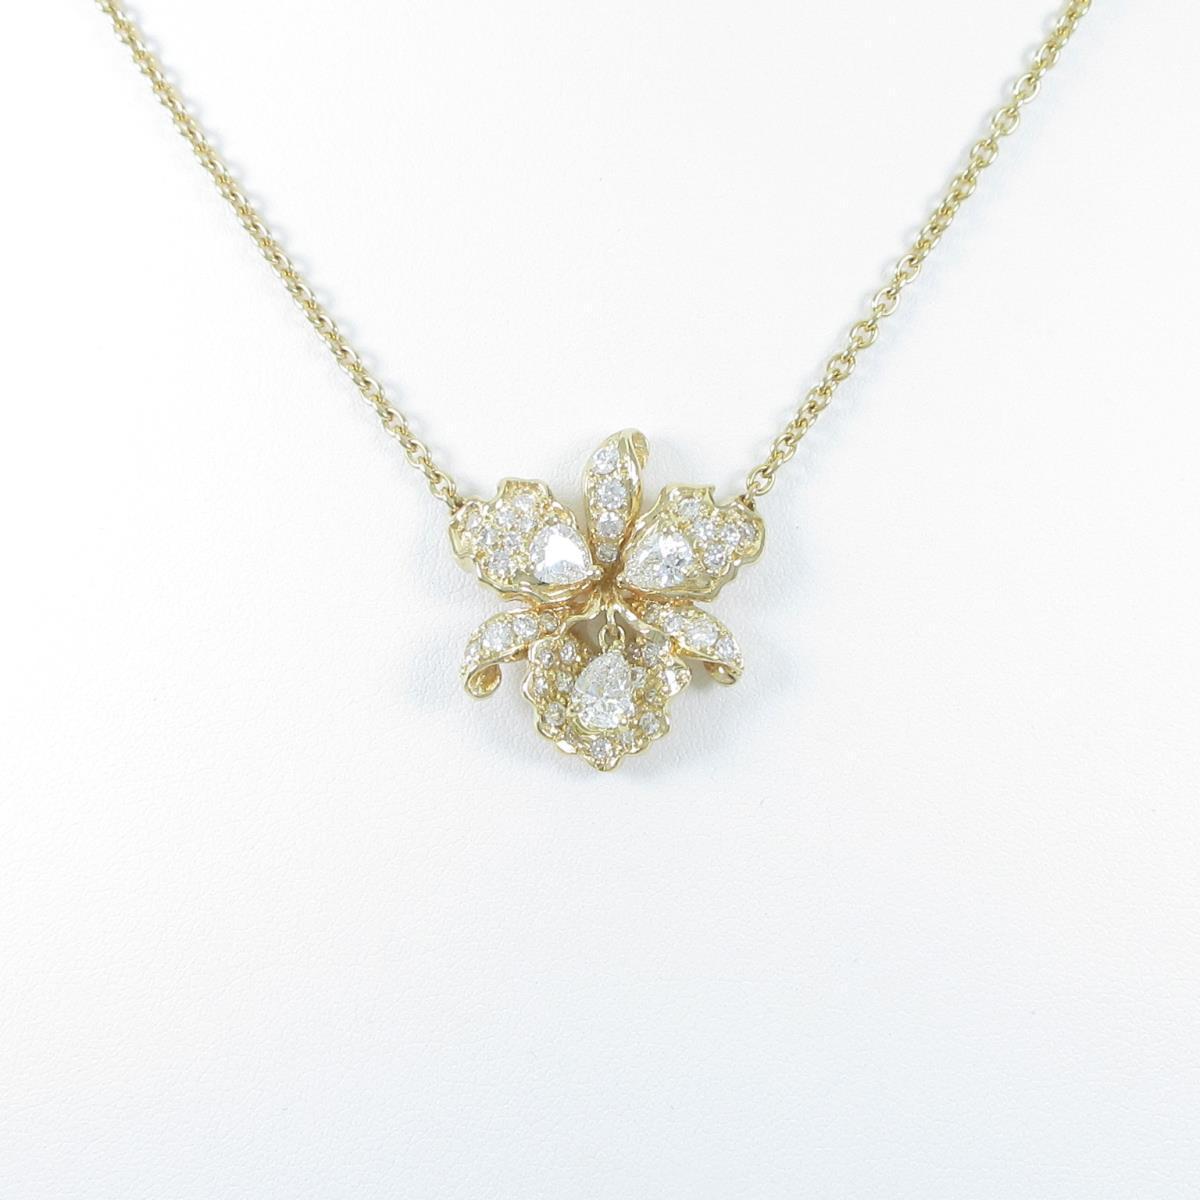 750YG フラワー ダイヤモンドネックレス【中古】